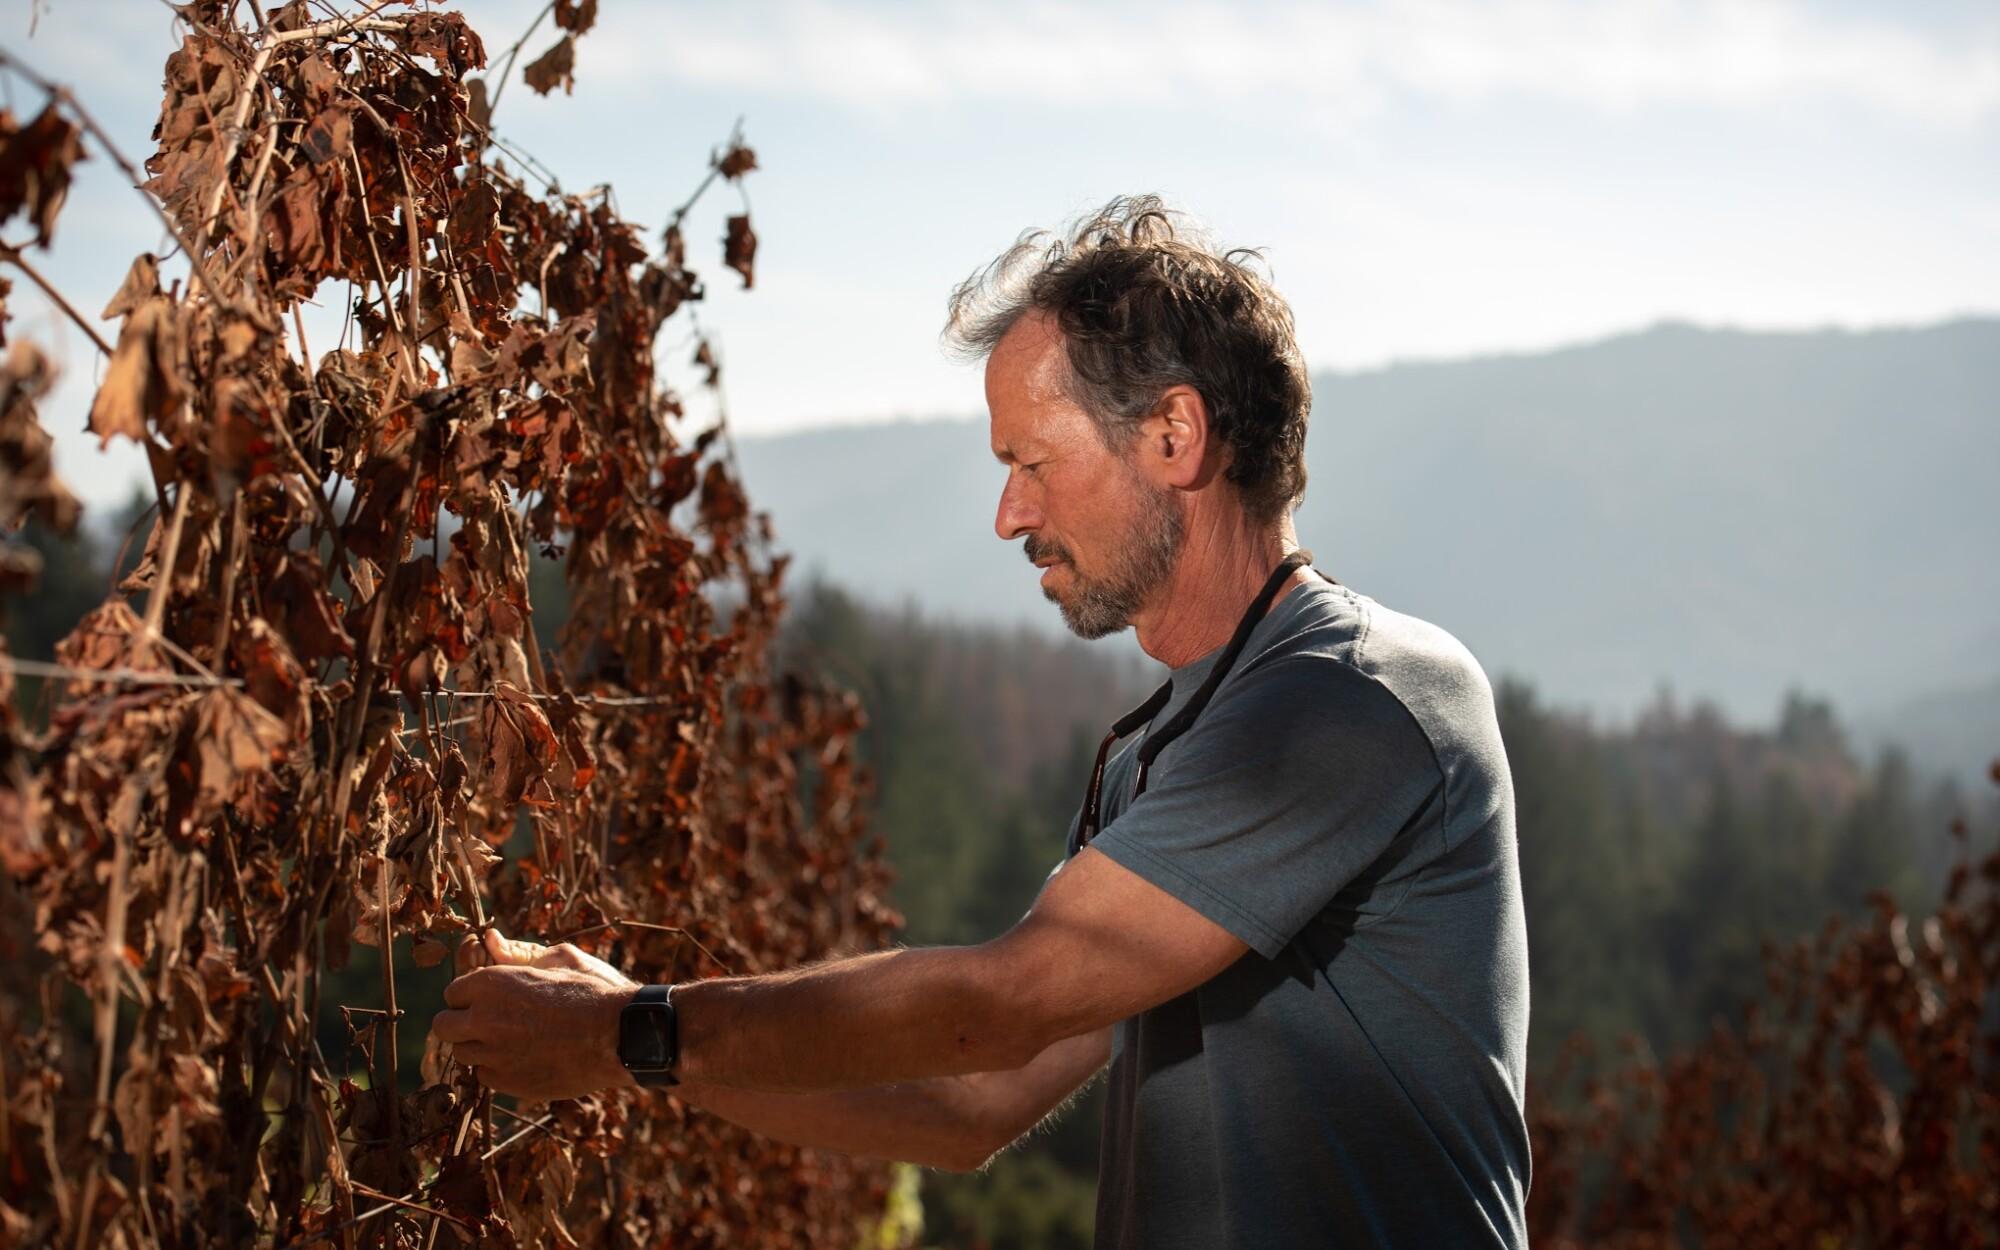 Bradley Brown of Big Basin Vineyards